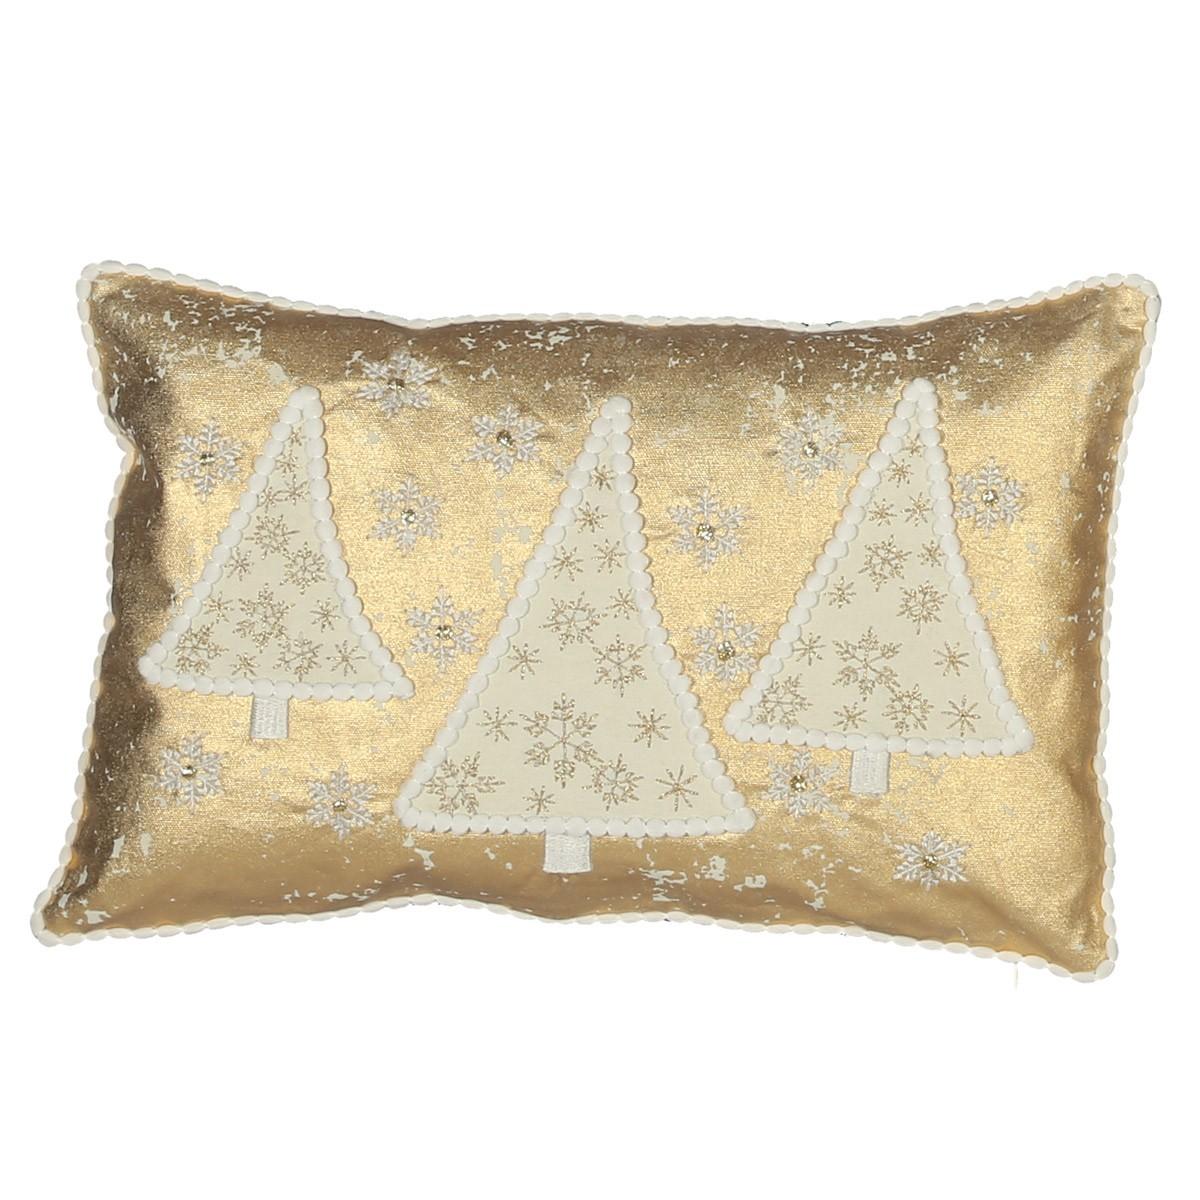 Χριστουγεννιάτικο Μαξιλάρι Nef-Nef Golden Tree home   χριστουγεννιάτικα   χριστουγεννιάτικα μαξιλάρια